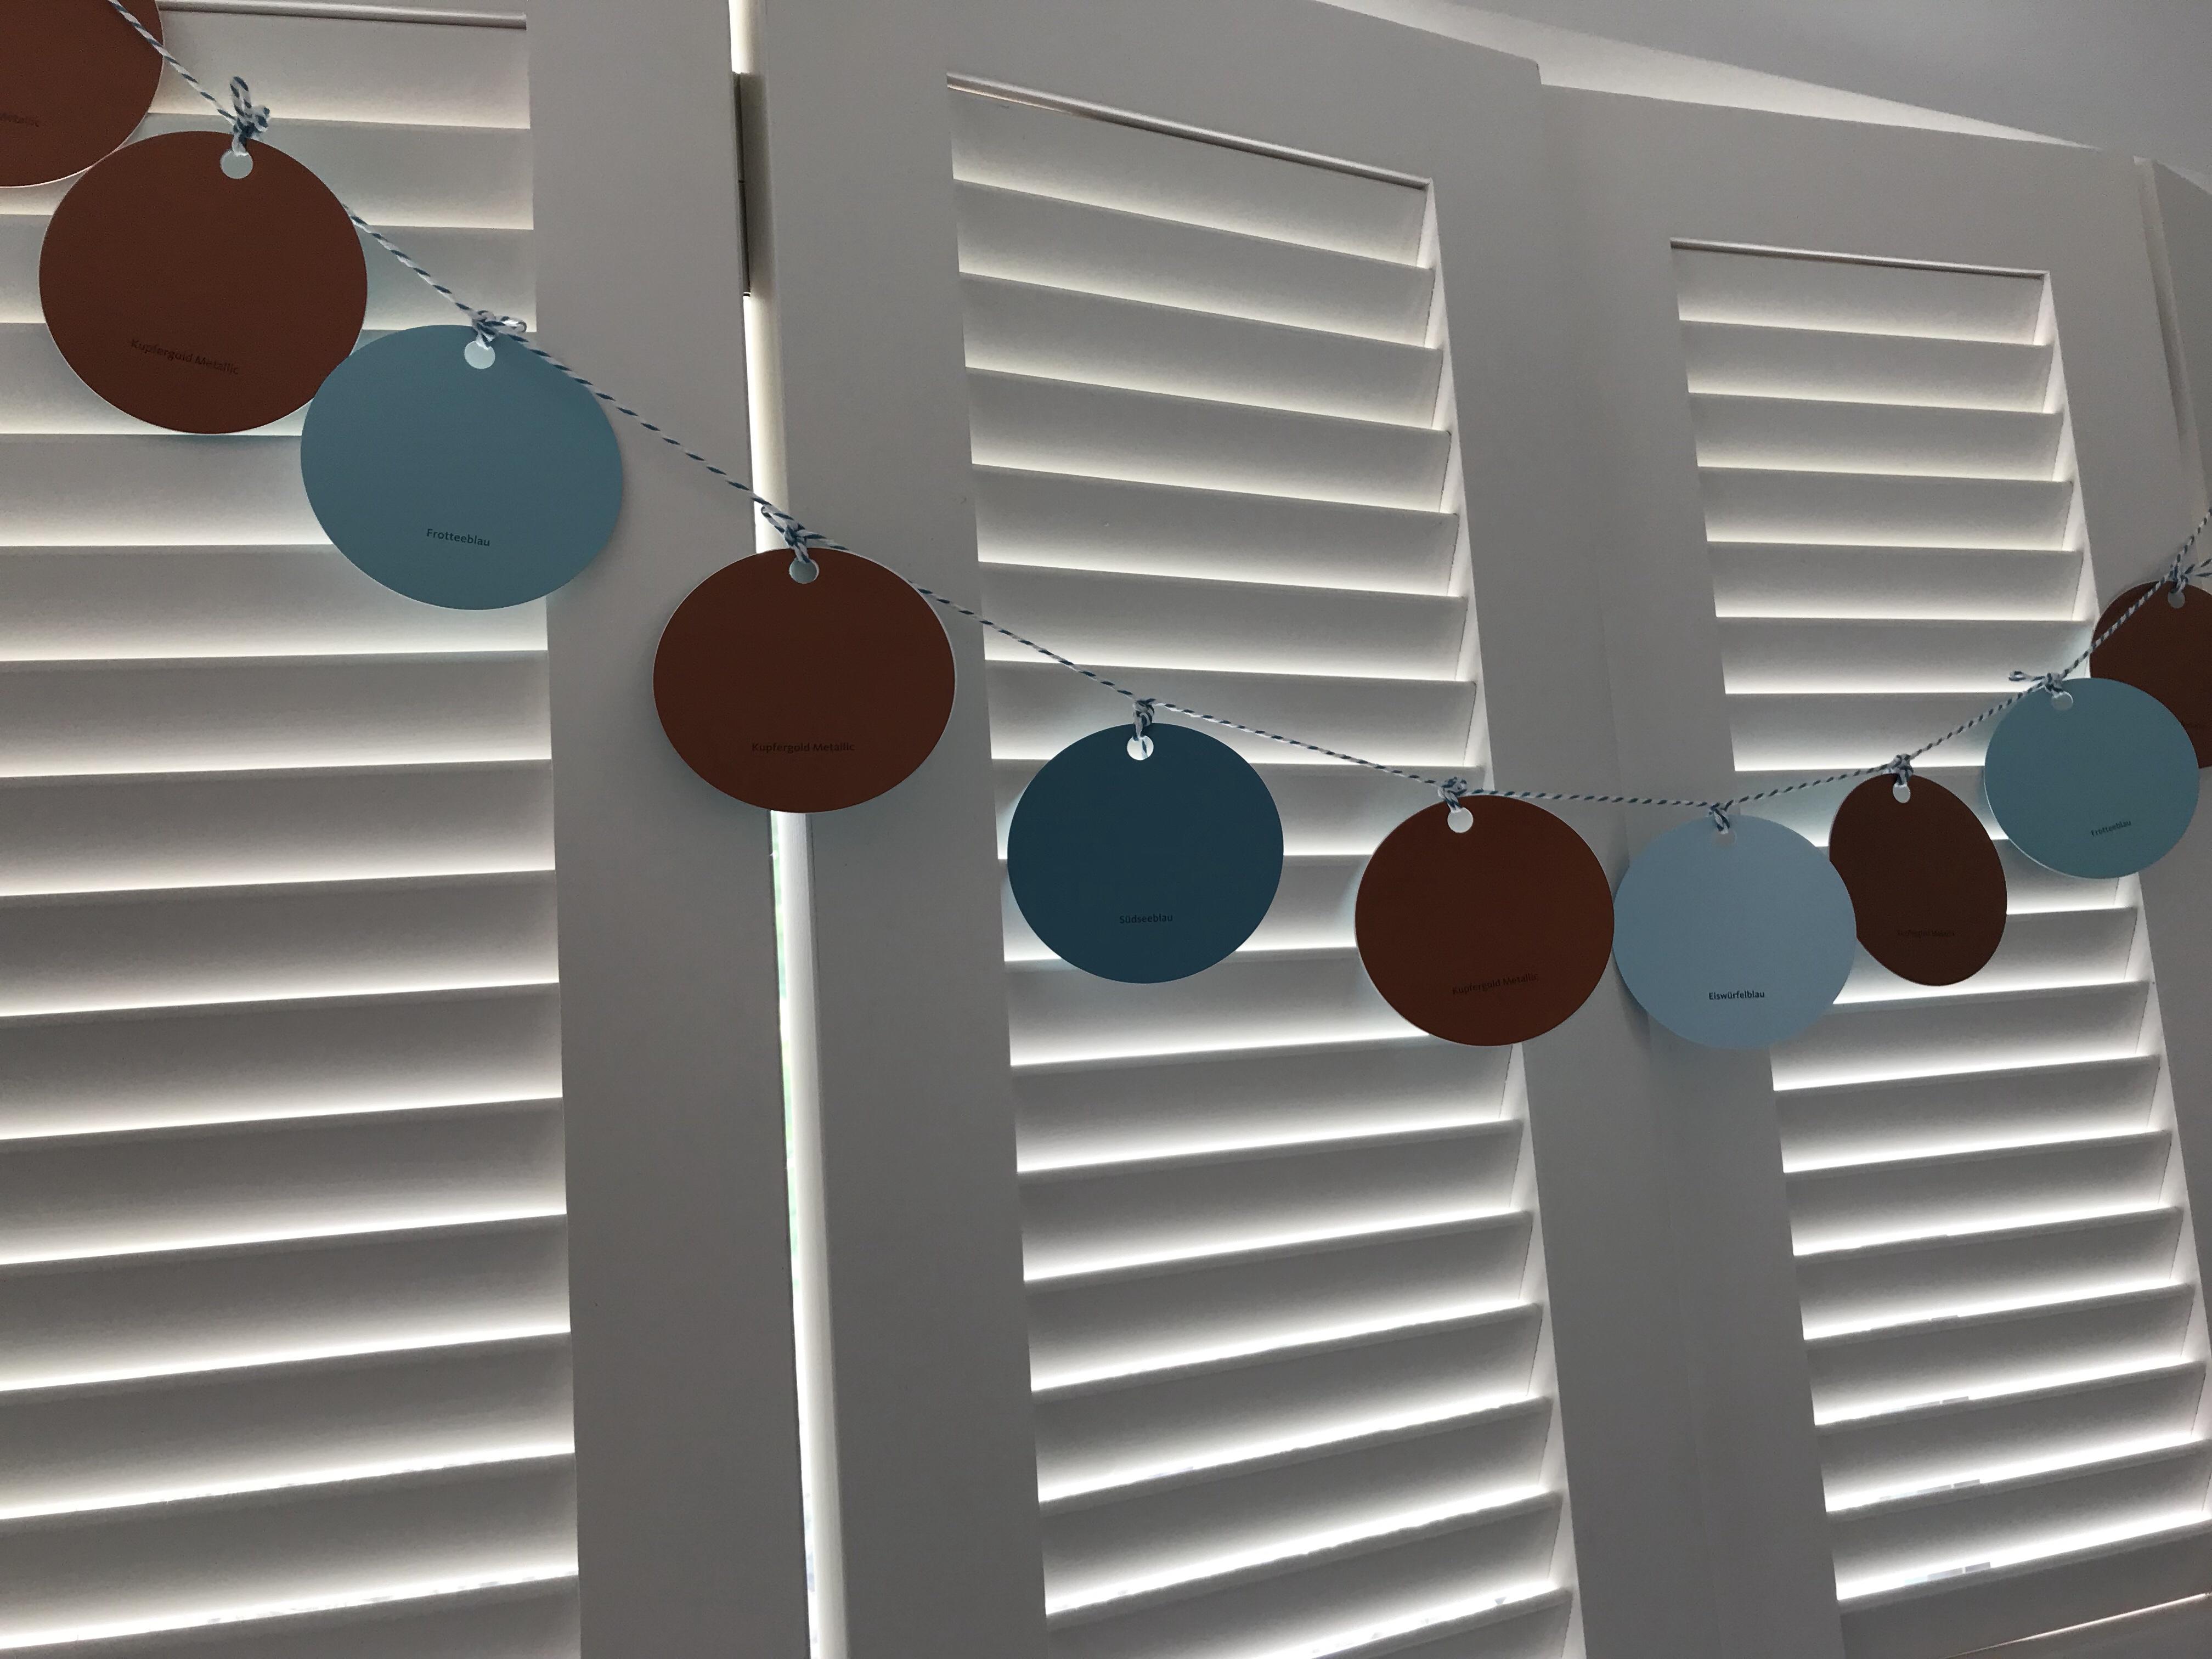 DIY-Girlande aus Farbkarten basteln. Schnell, einfach und günstig. #Girlande, #Chalet8